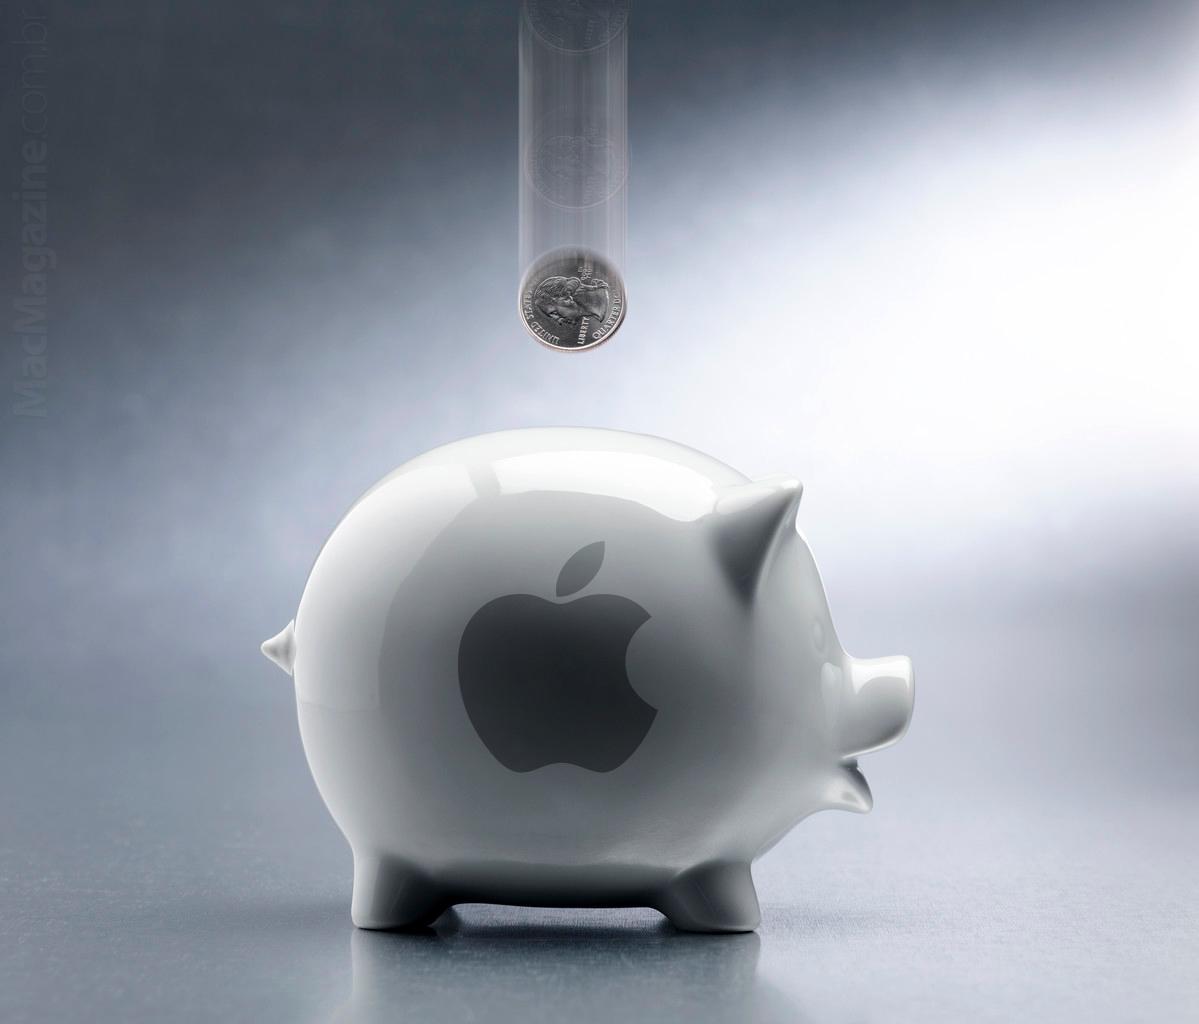 Porquinho com a marca da Apple